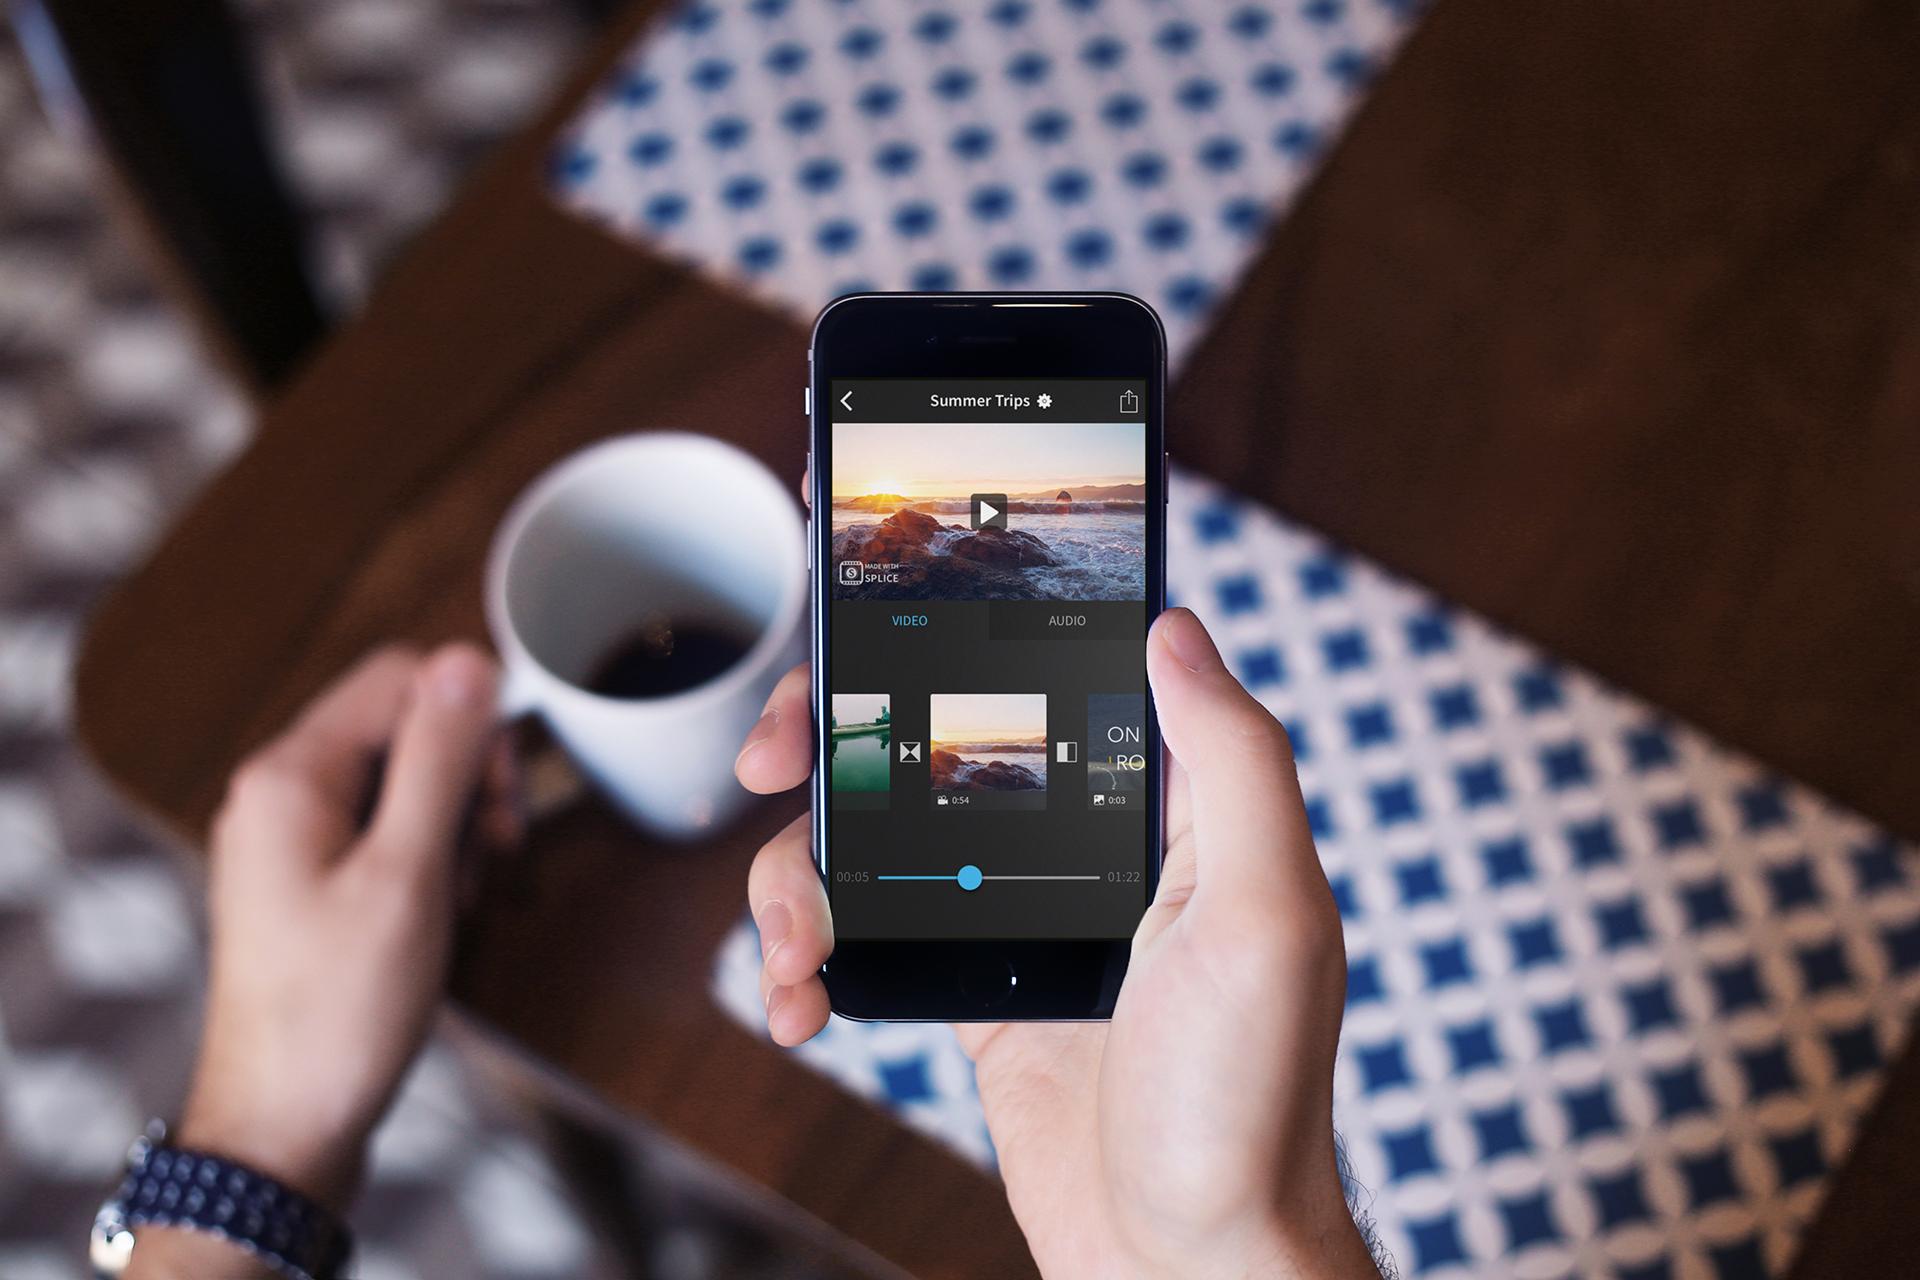 أفضل 6 تطبيقات مشغل فيديو Video Player للأندرويد 2020